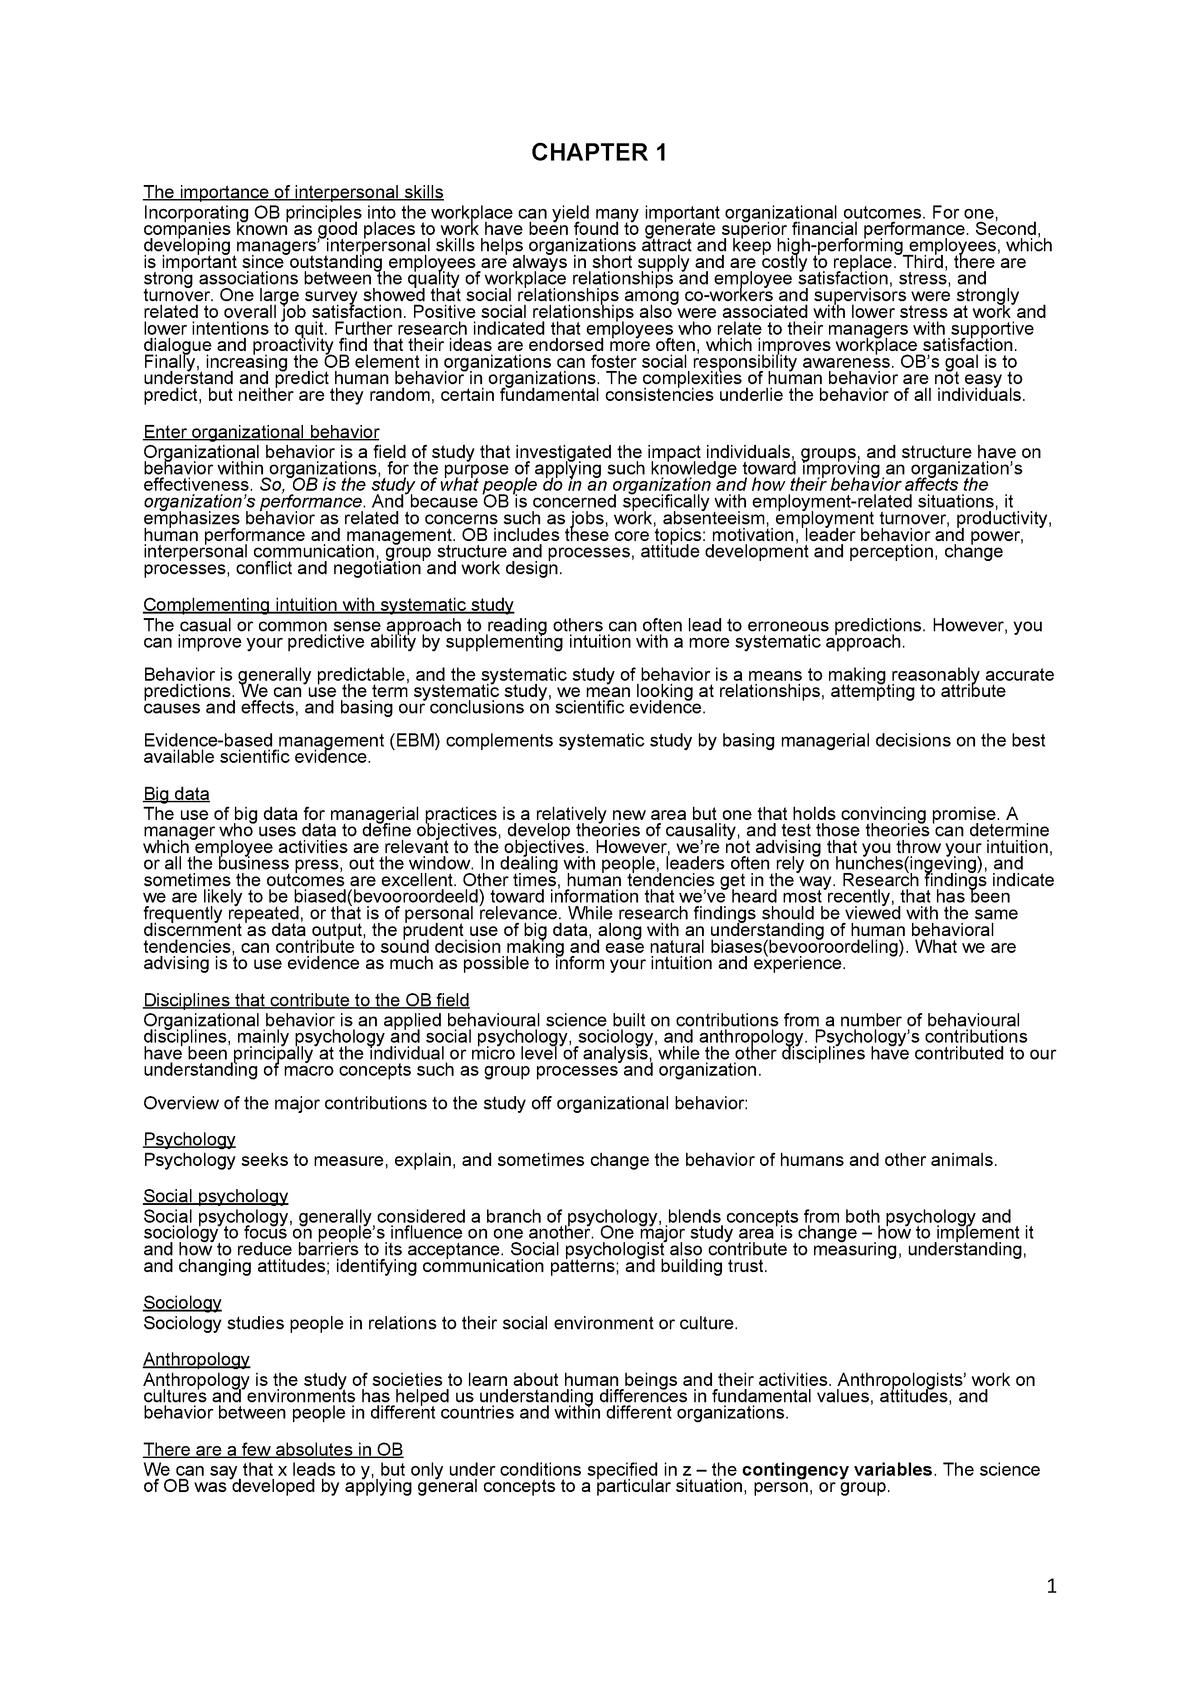 consumer attitudes pdf